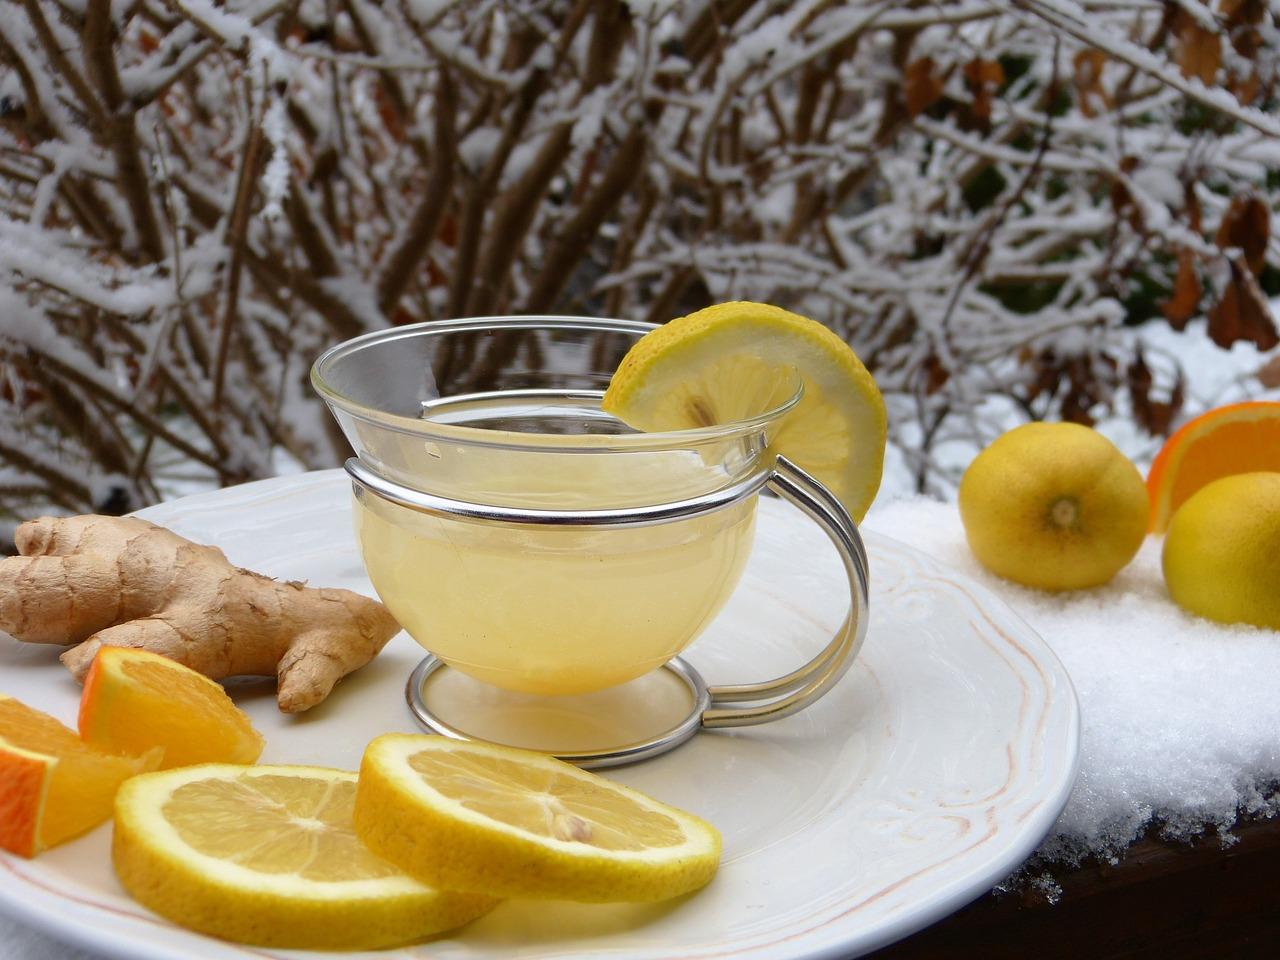 Cum să-ți îmbunătățești sistemul imunitar pe timp de iarnă?